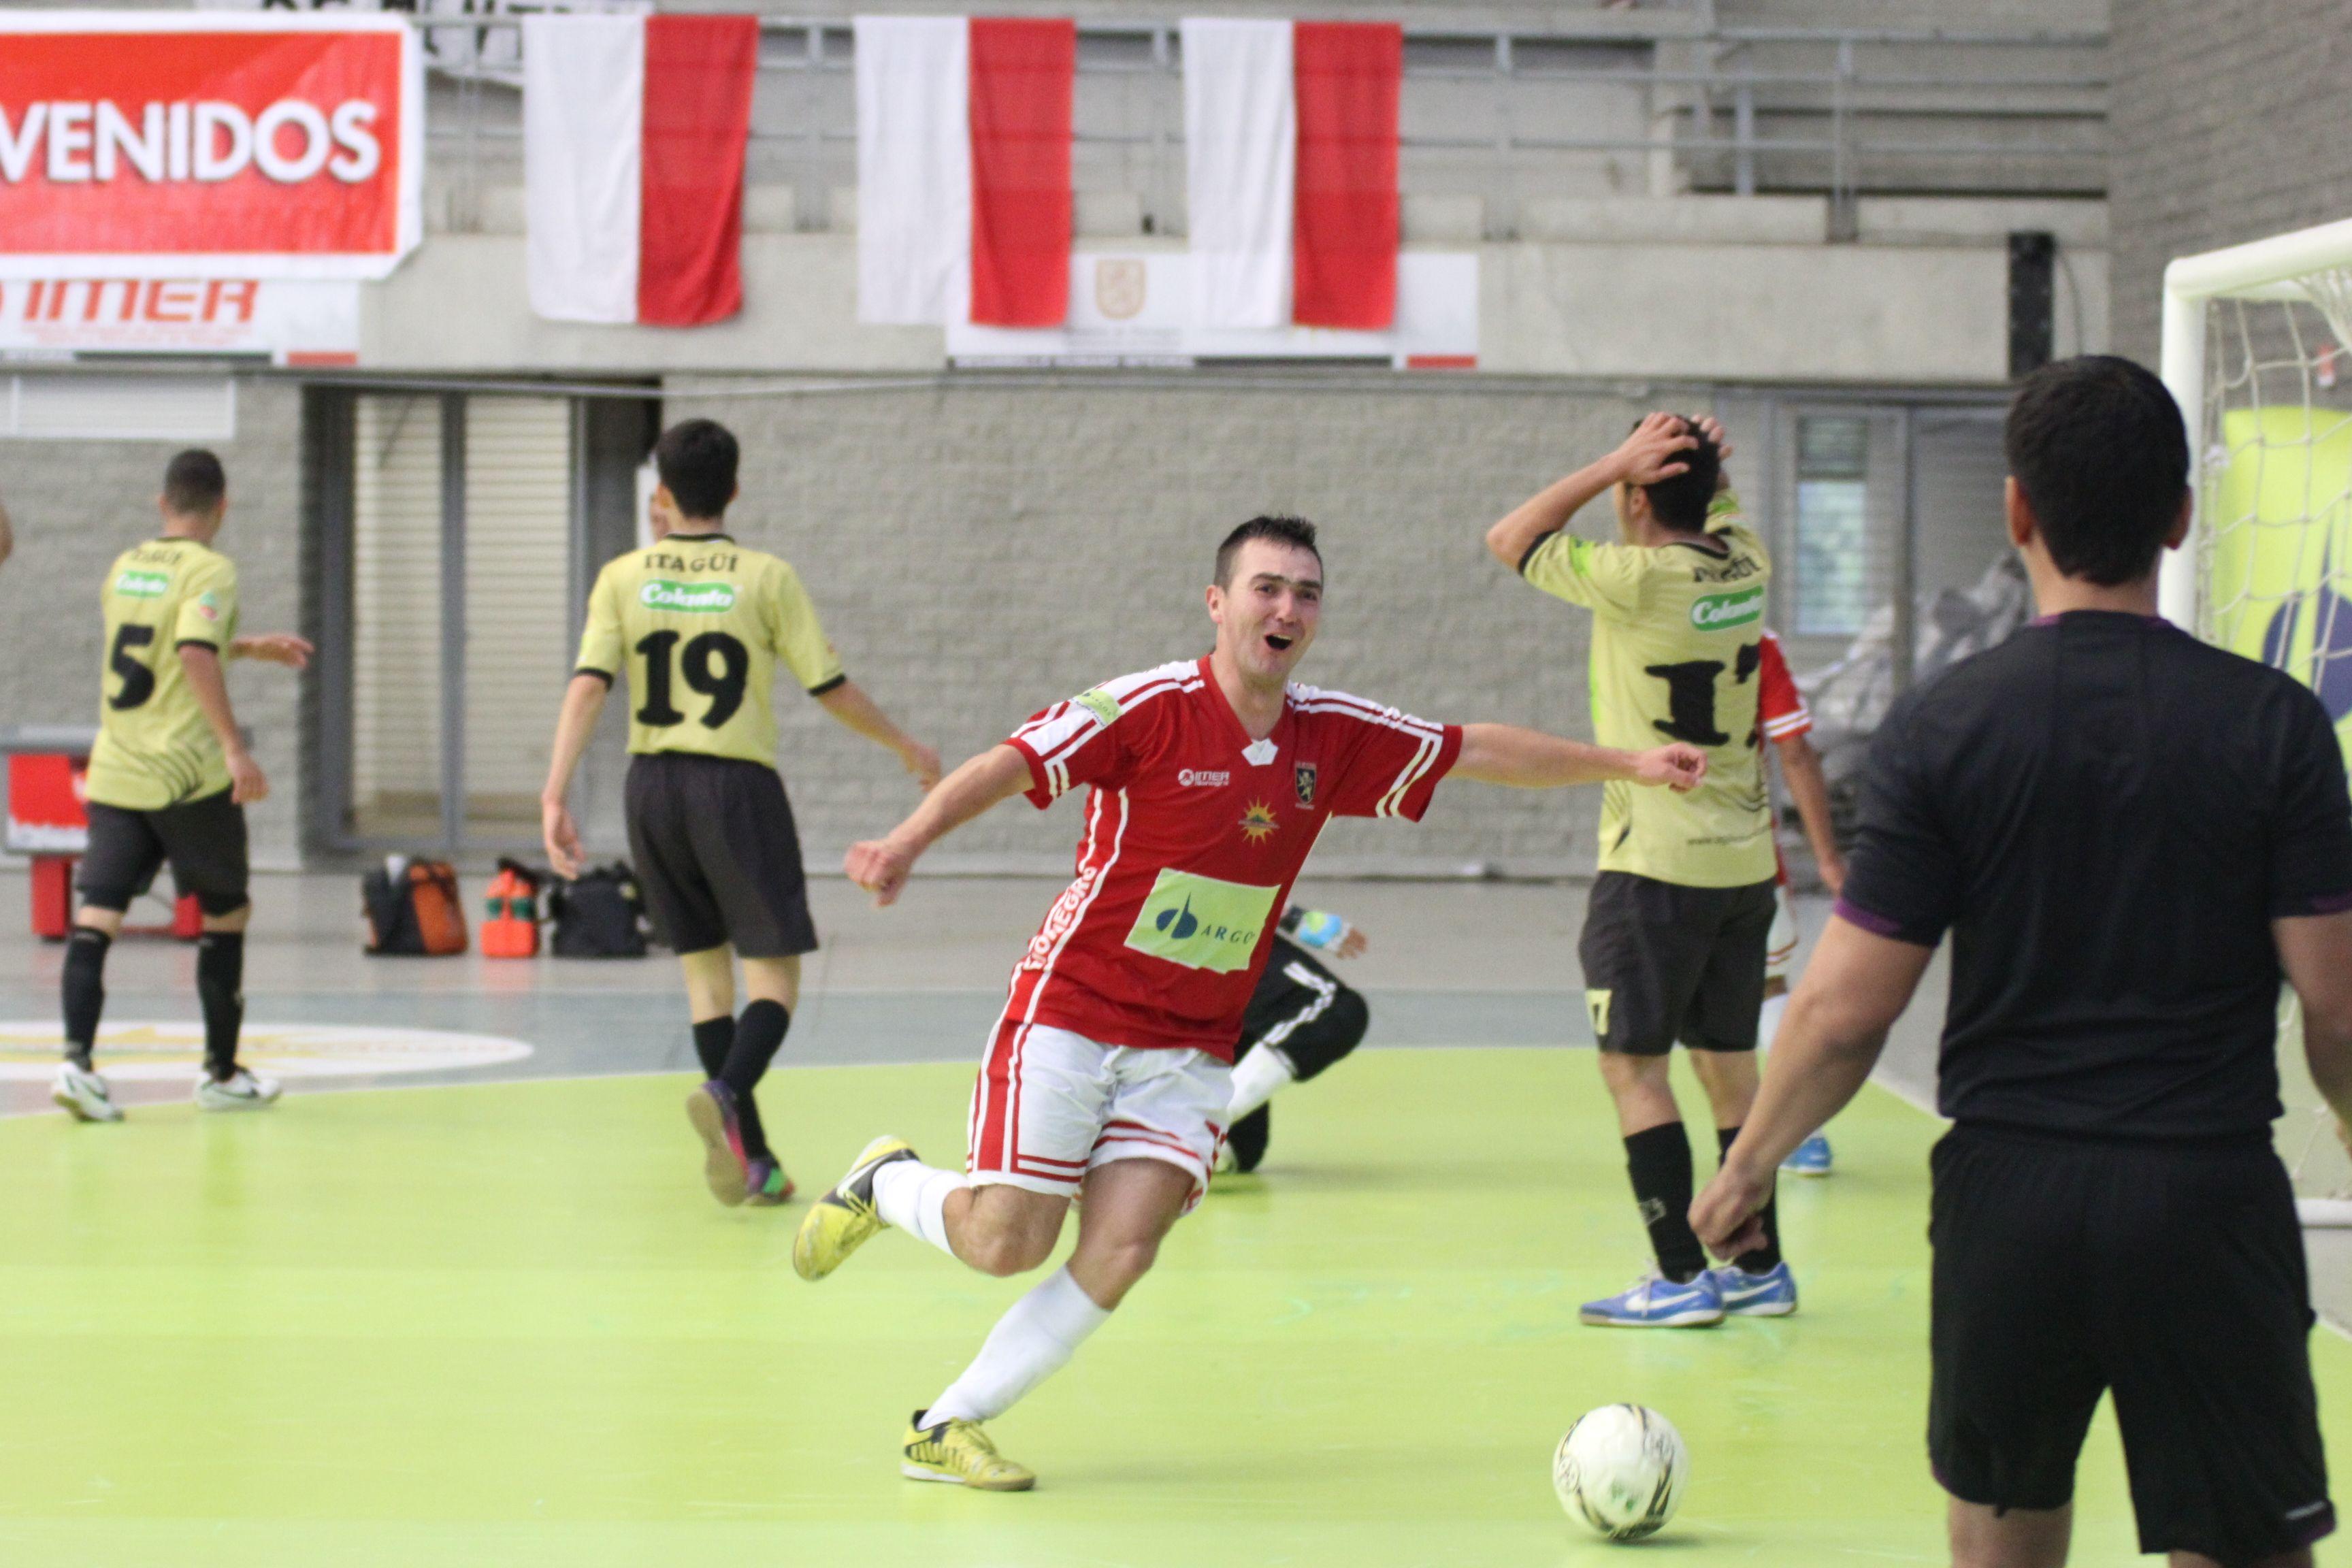 Muchas celebraciones se vivieron en el coliseo El Cielo, con el triunfo de Rionegro Futsal.